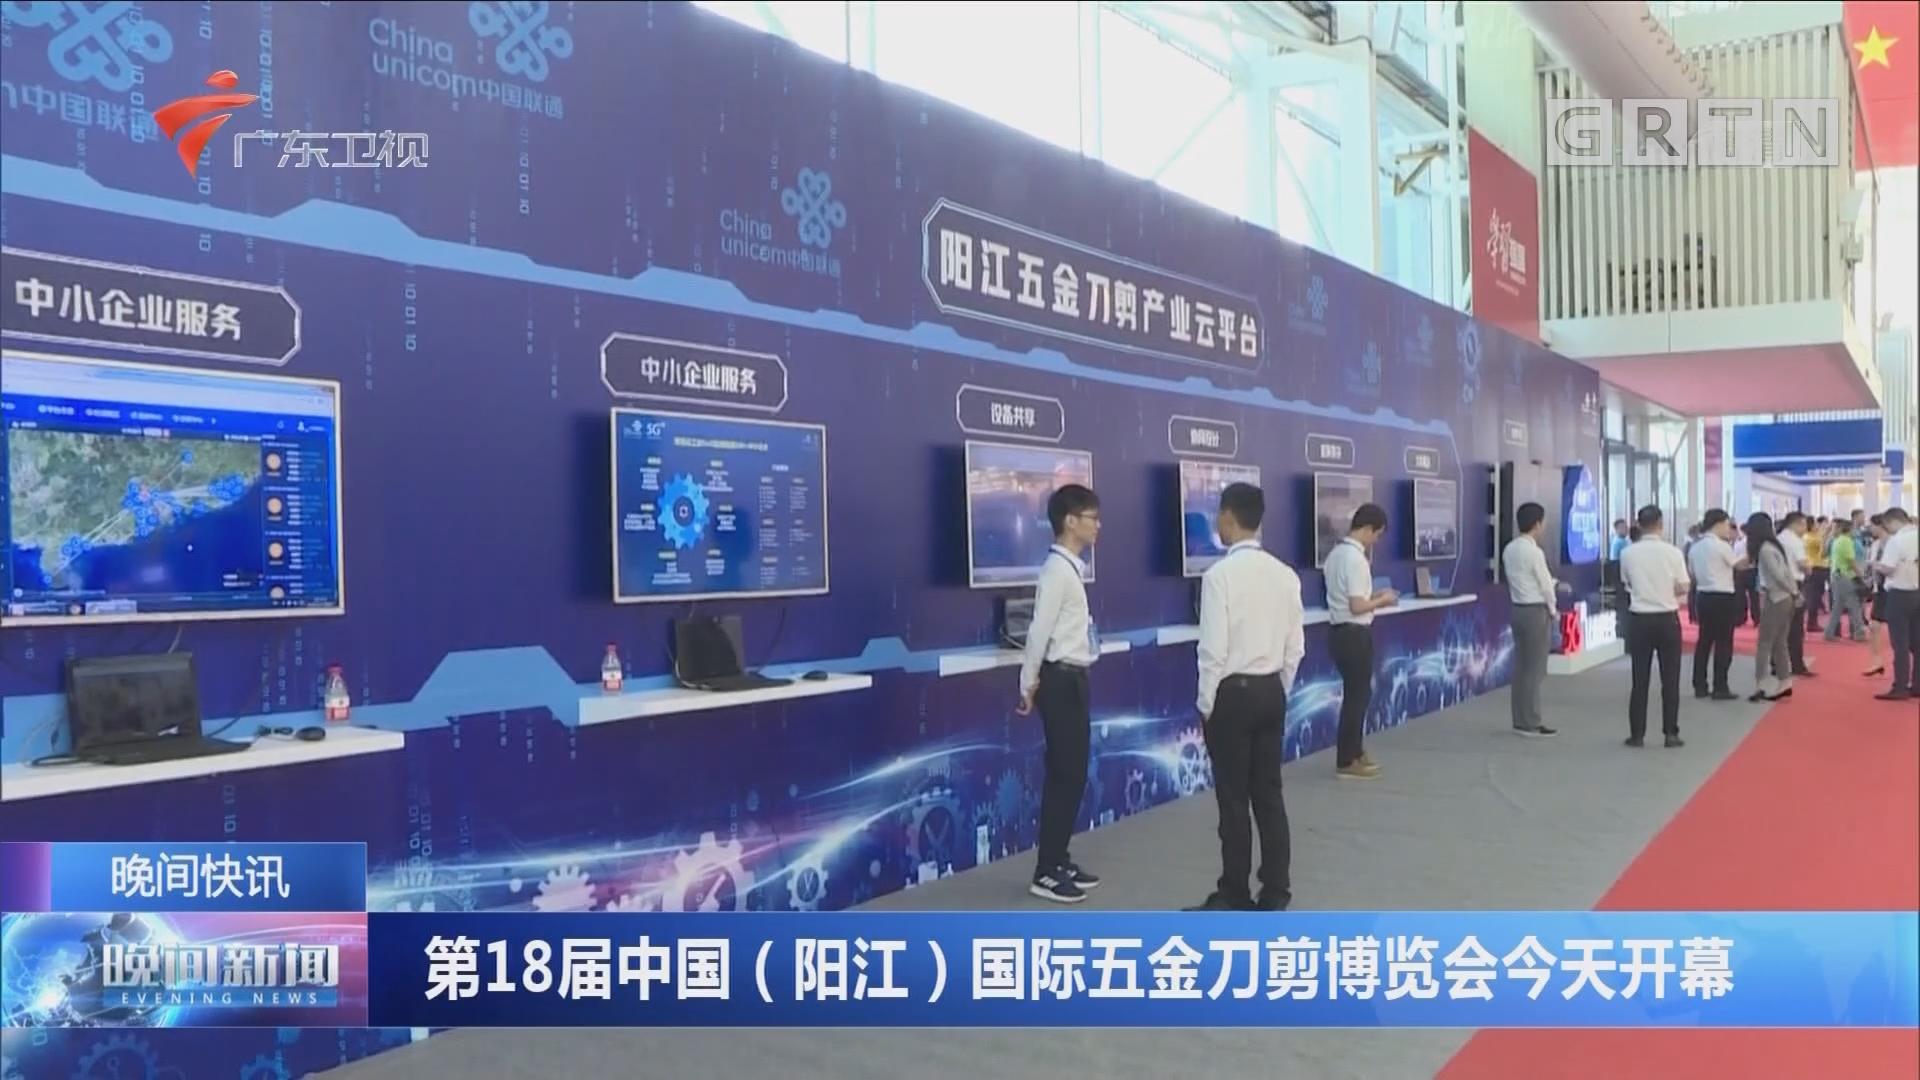 第18届中国(阳江)国际五金刀剪博览会今天开幕